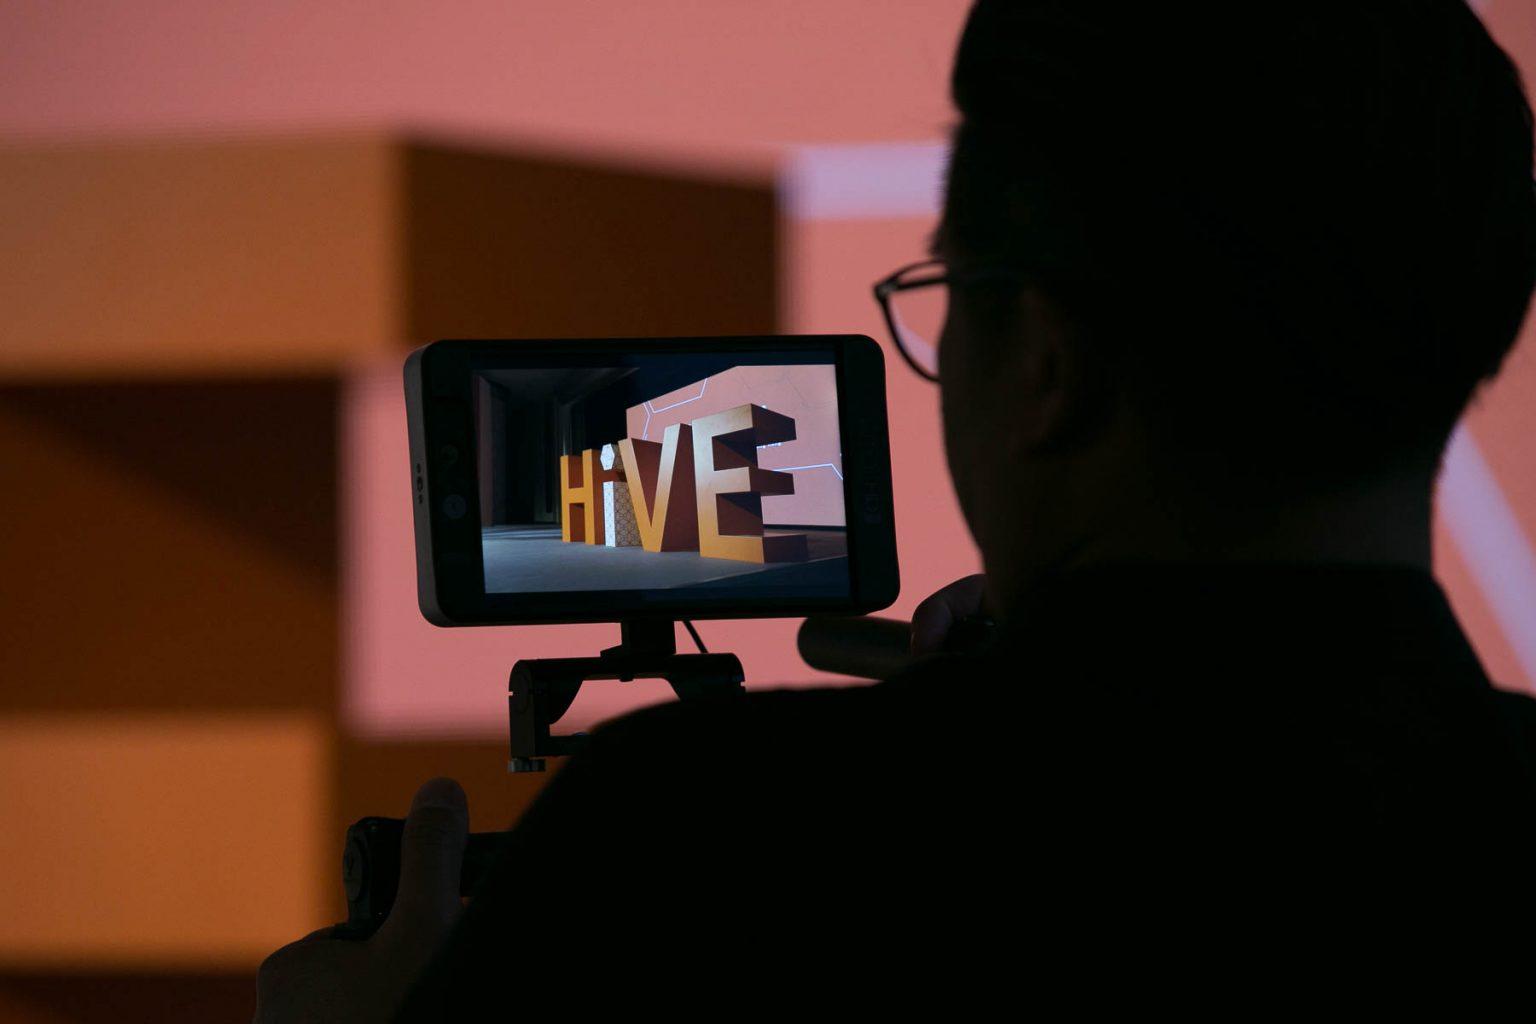 videographer at Hive Conference Hong Kong